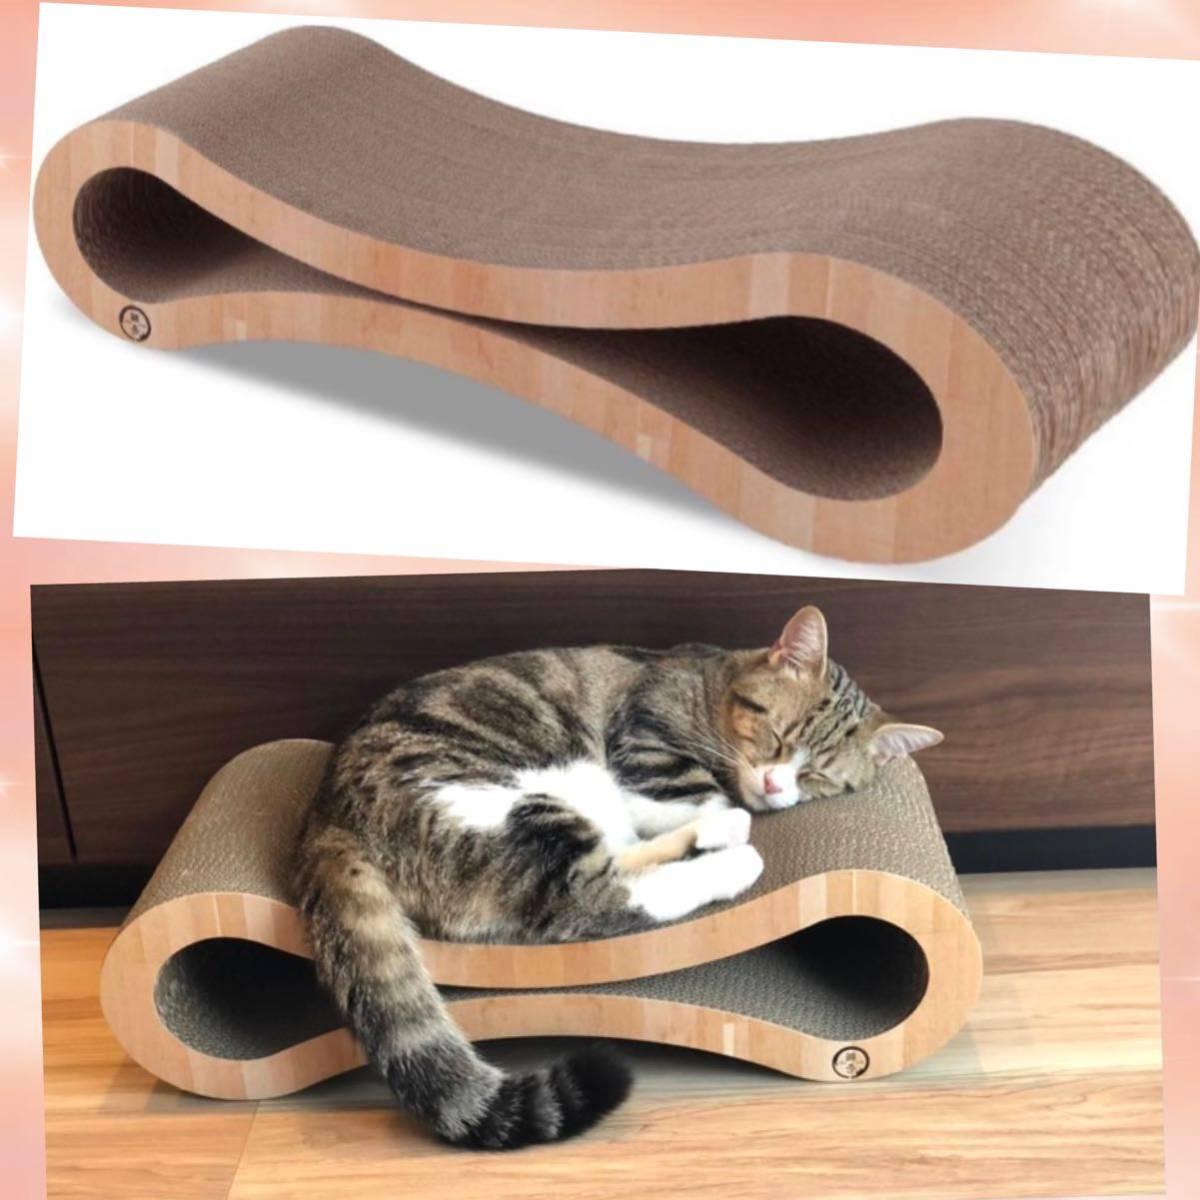 【幅55cmの特大サイズ!★寛げるベッドとしても爪研ぎとしても使える大人気の2way仕様♪★愛猫ちゃんの快適さを追求し拘り抜いた仕様!】